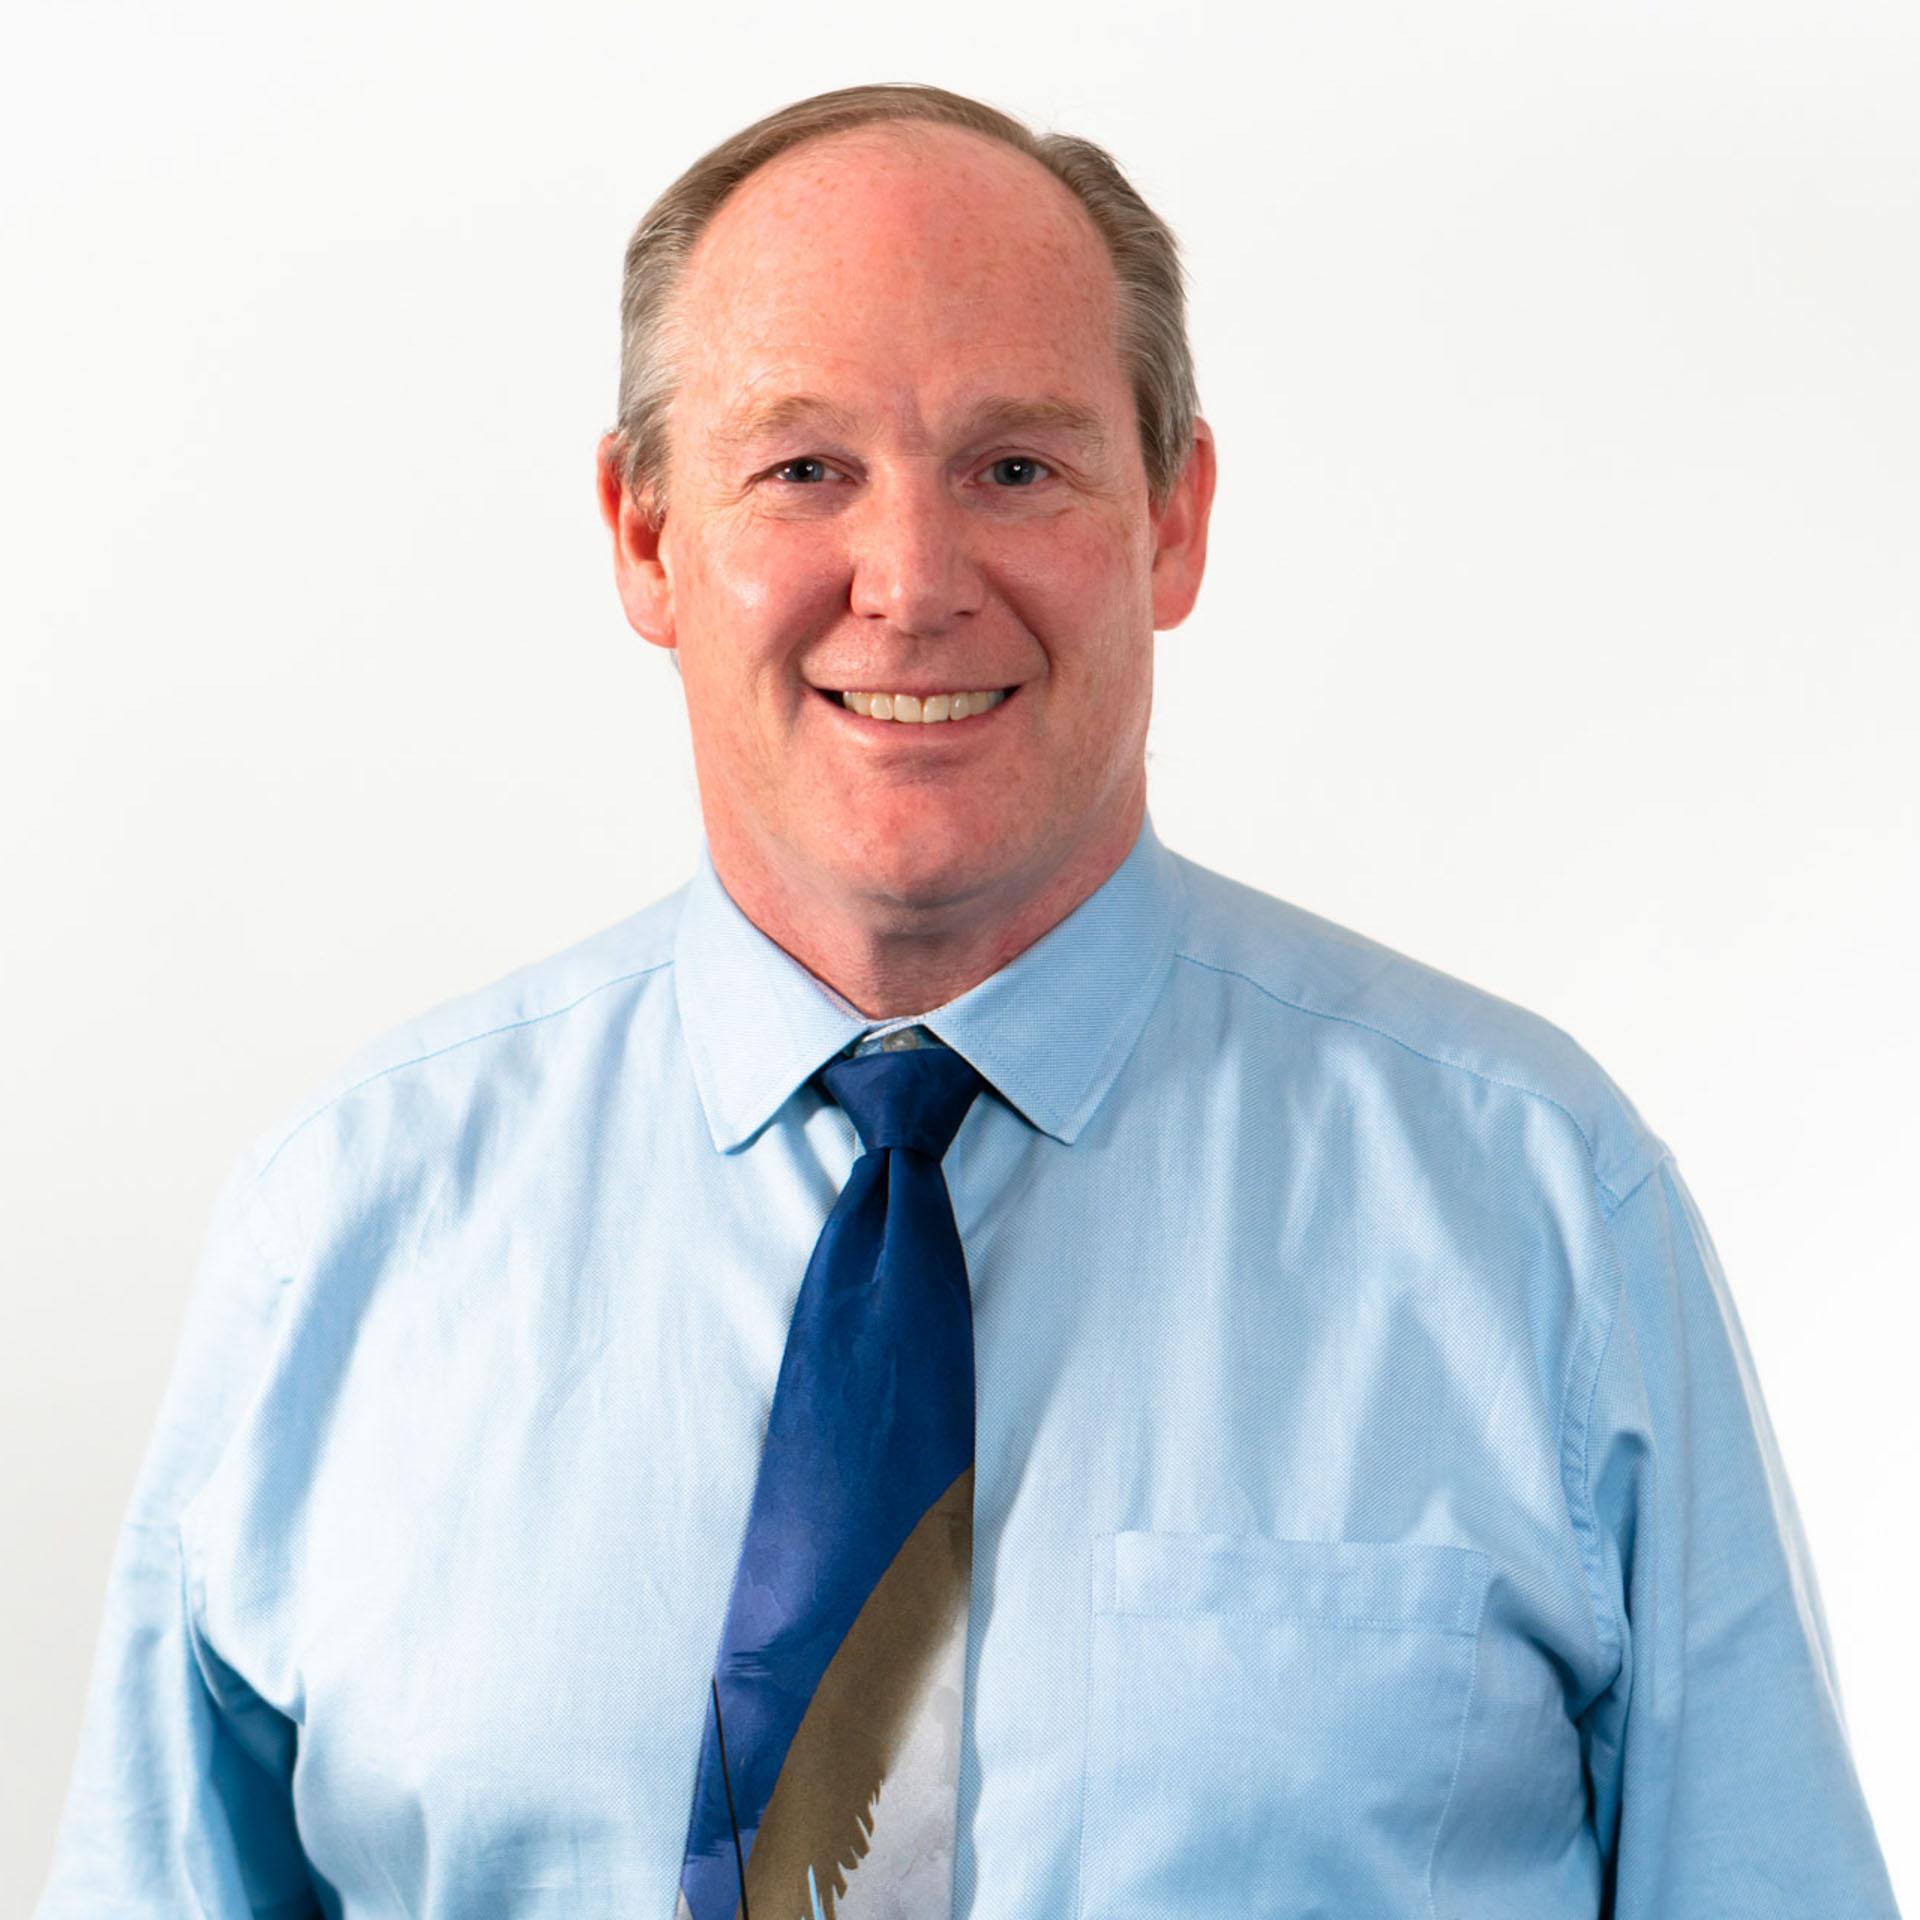 Dr. Alan Michels